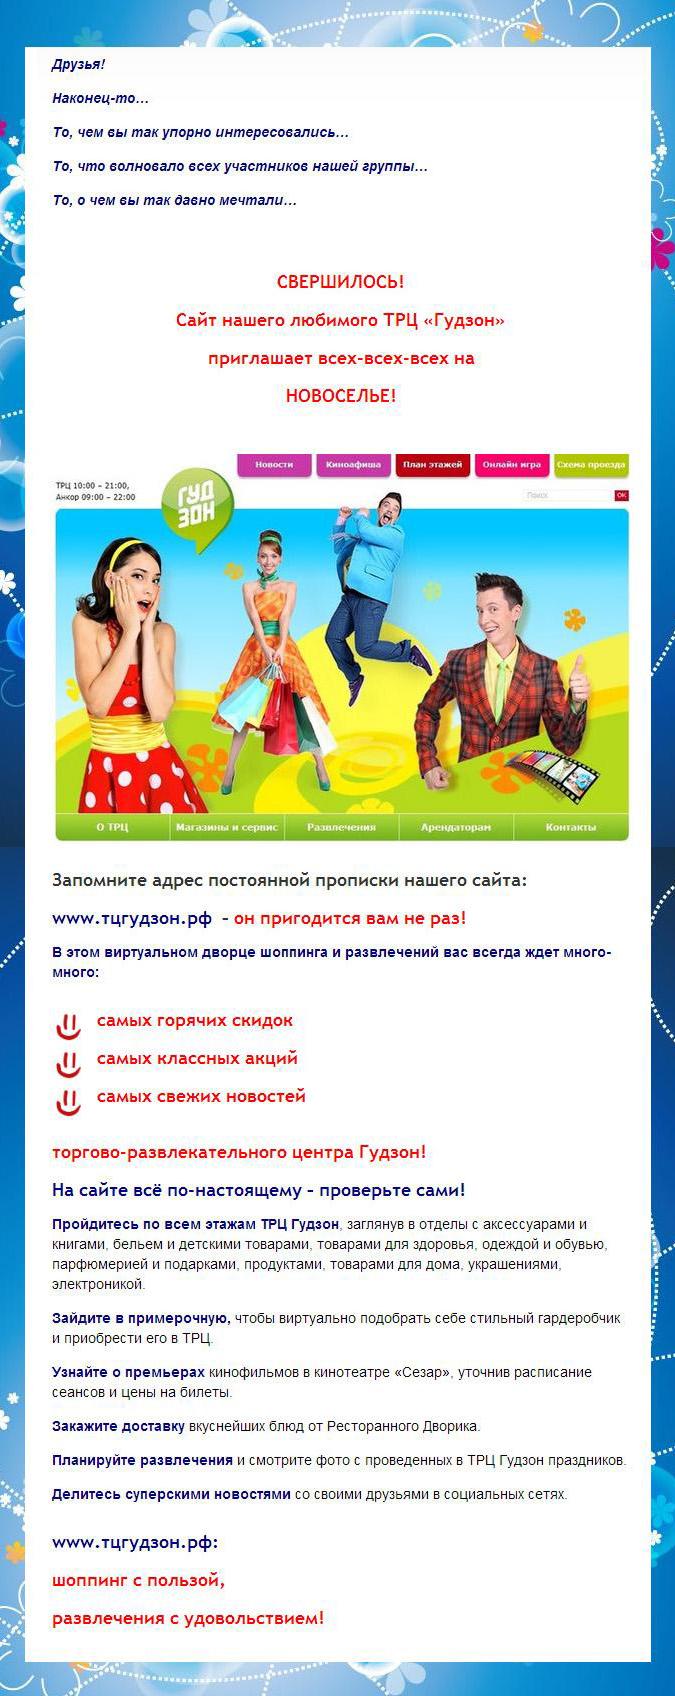 Reklamnyj tekst otkrytie sajta